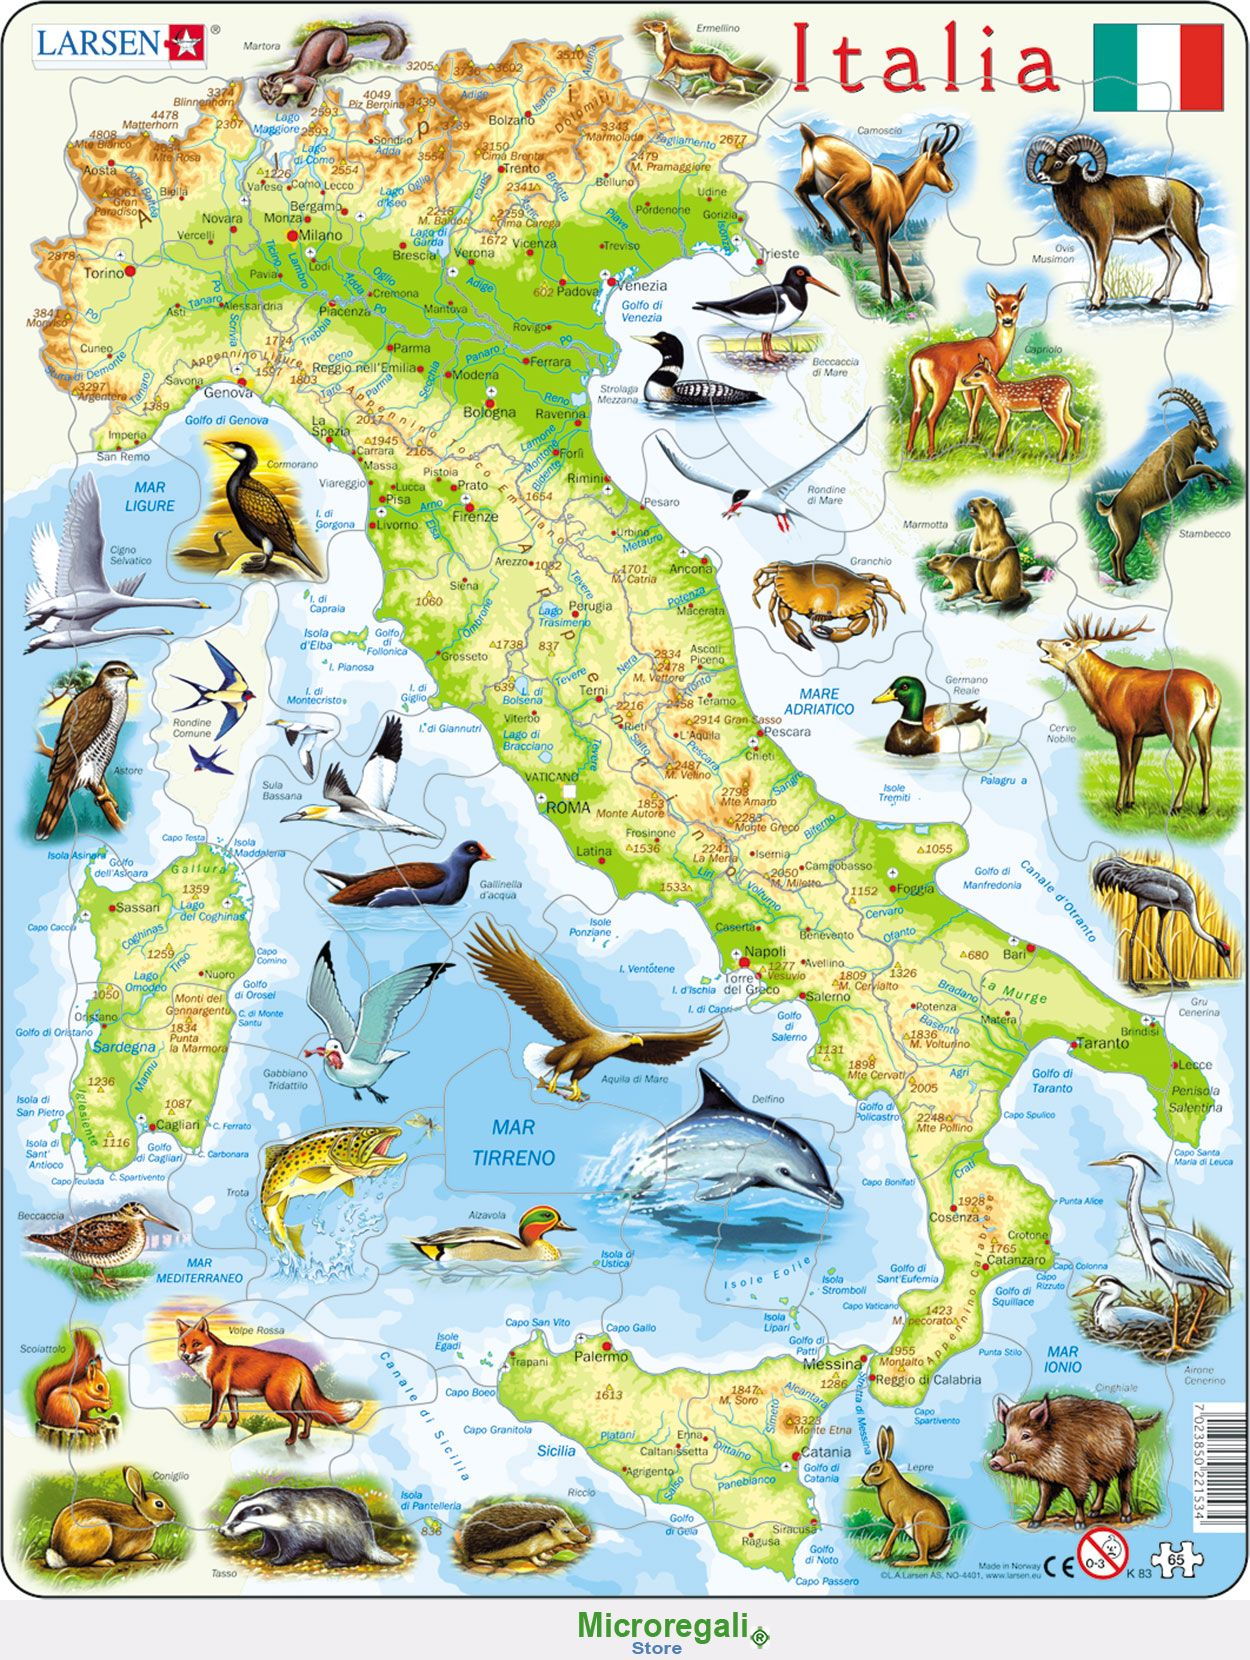 Cartina Italia Per Bambini Da Stampare.404 Not Found 1 Italia Attivita Geografia Geografia